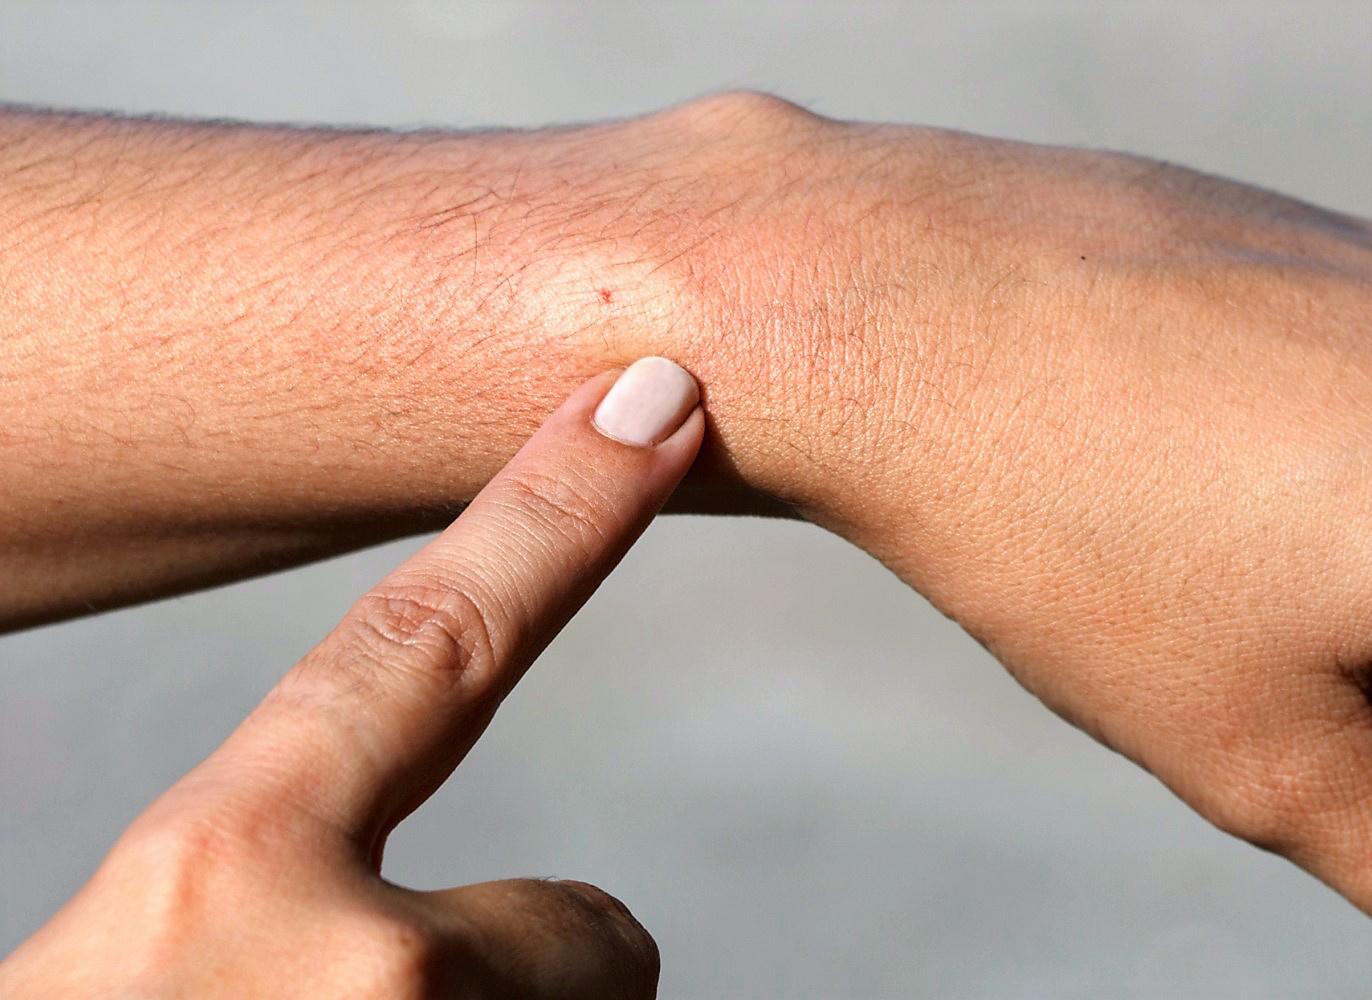 hogyan lehet eltávolítani a kezén lévő vörös foltokat